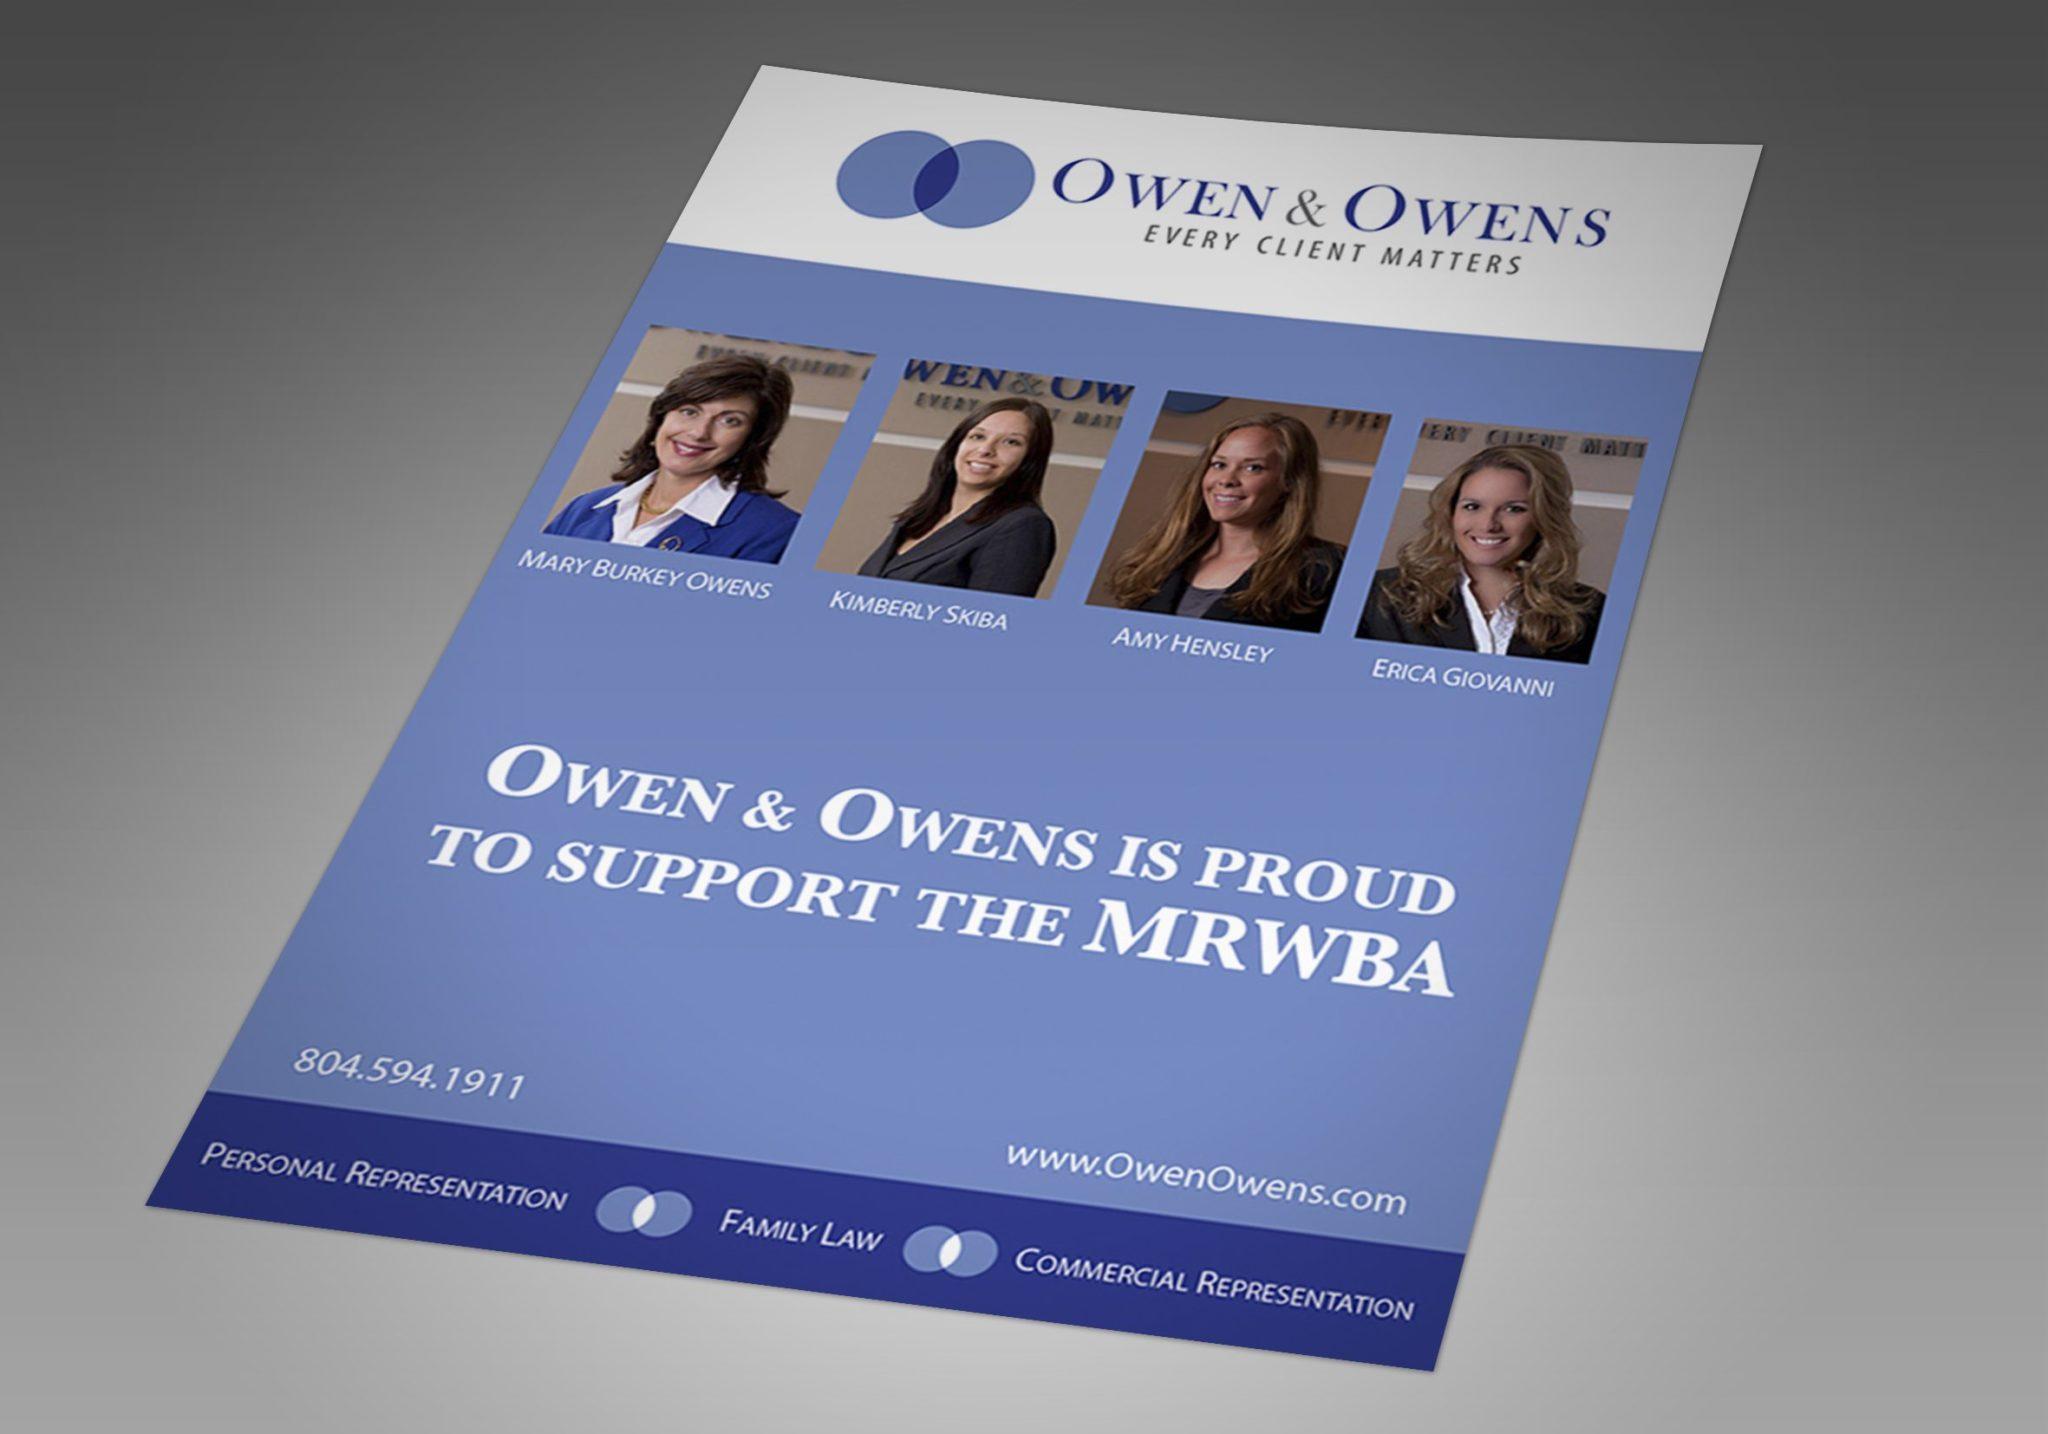 Owen & Owens Magazine Ad